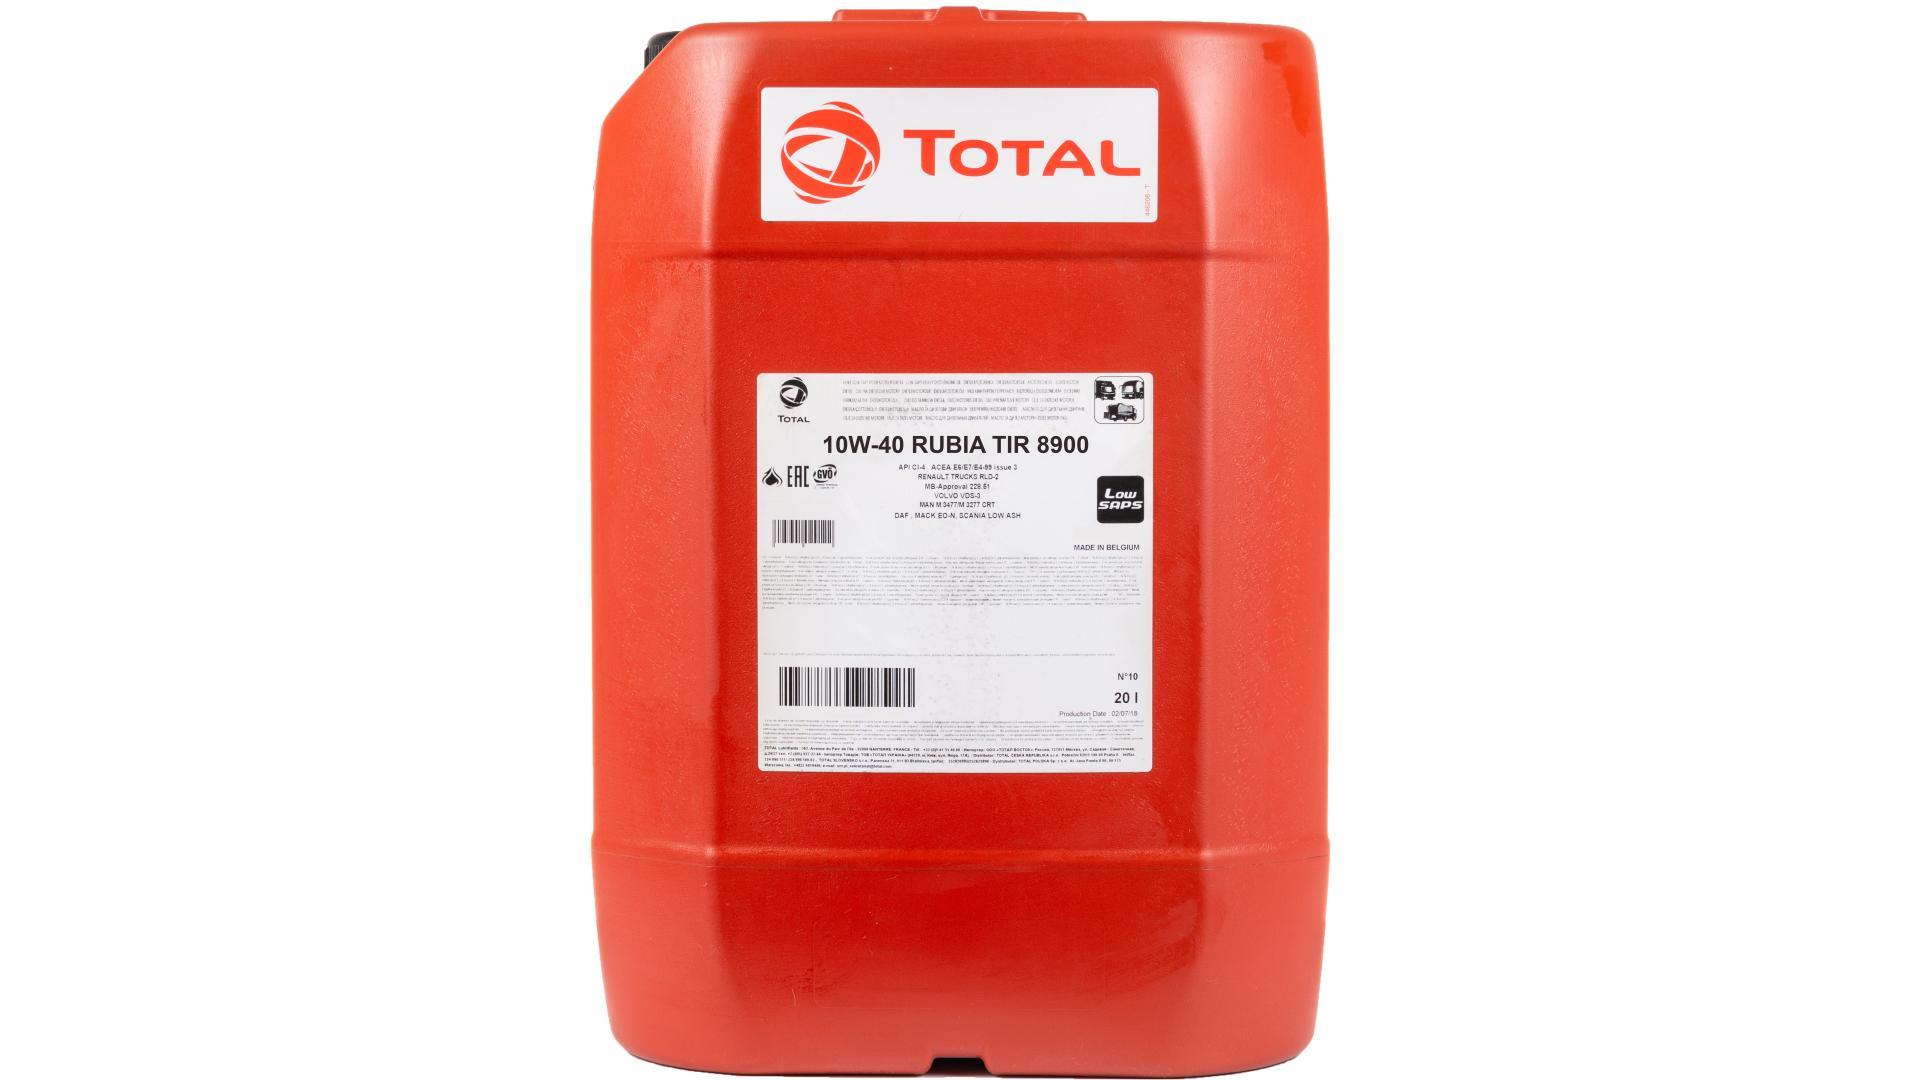 Total 10w-40 Rubia Tir 8900 20L (160777)